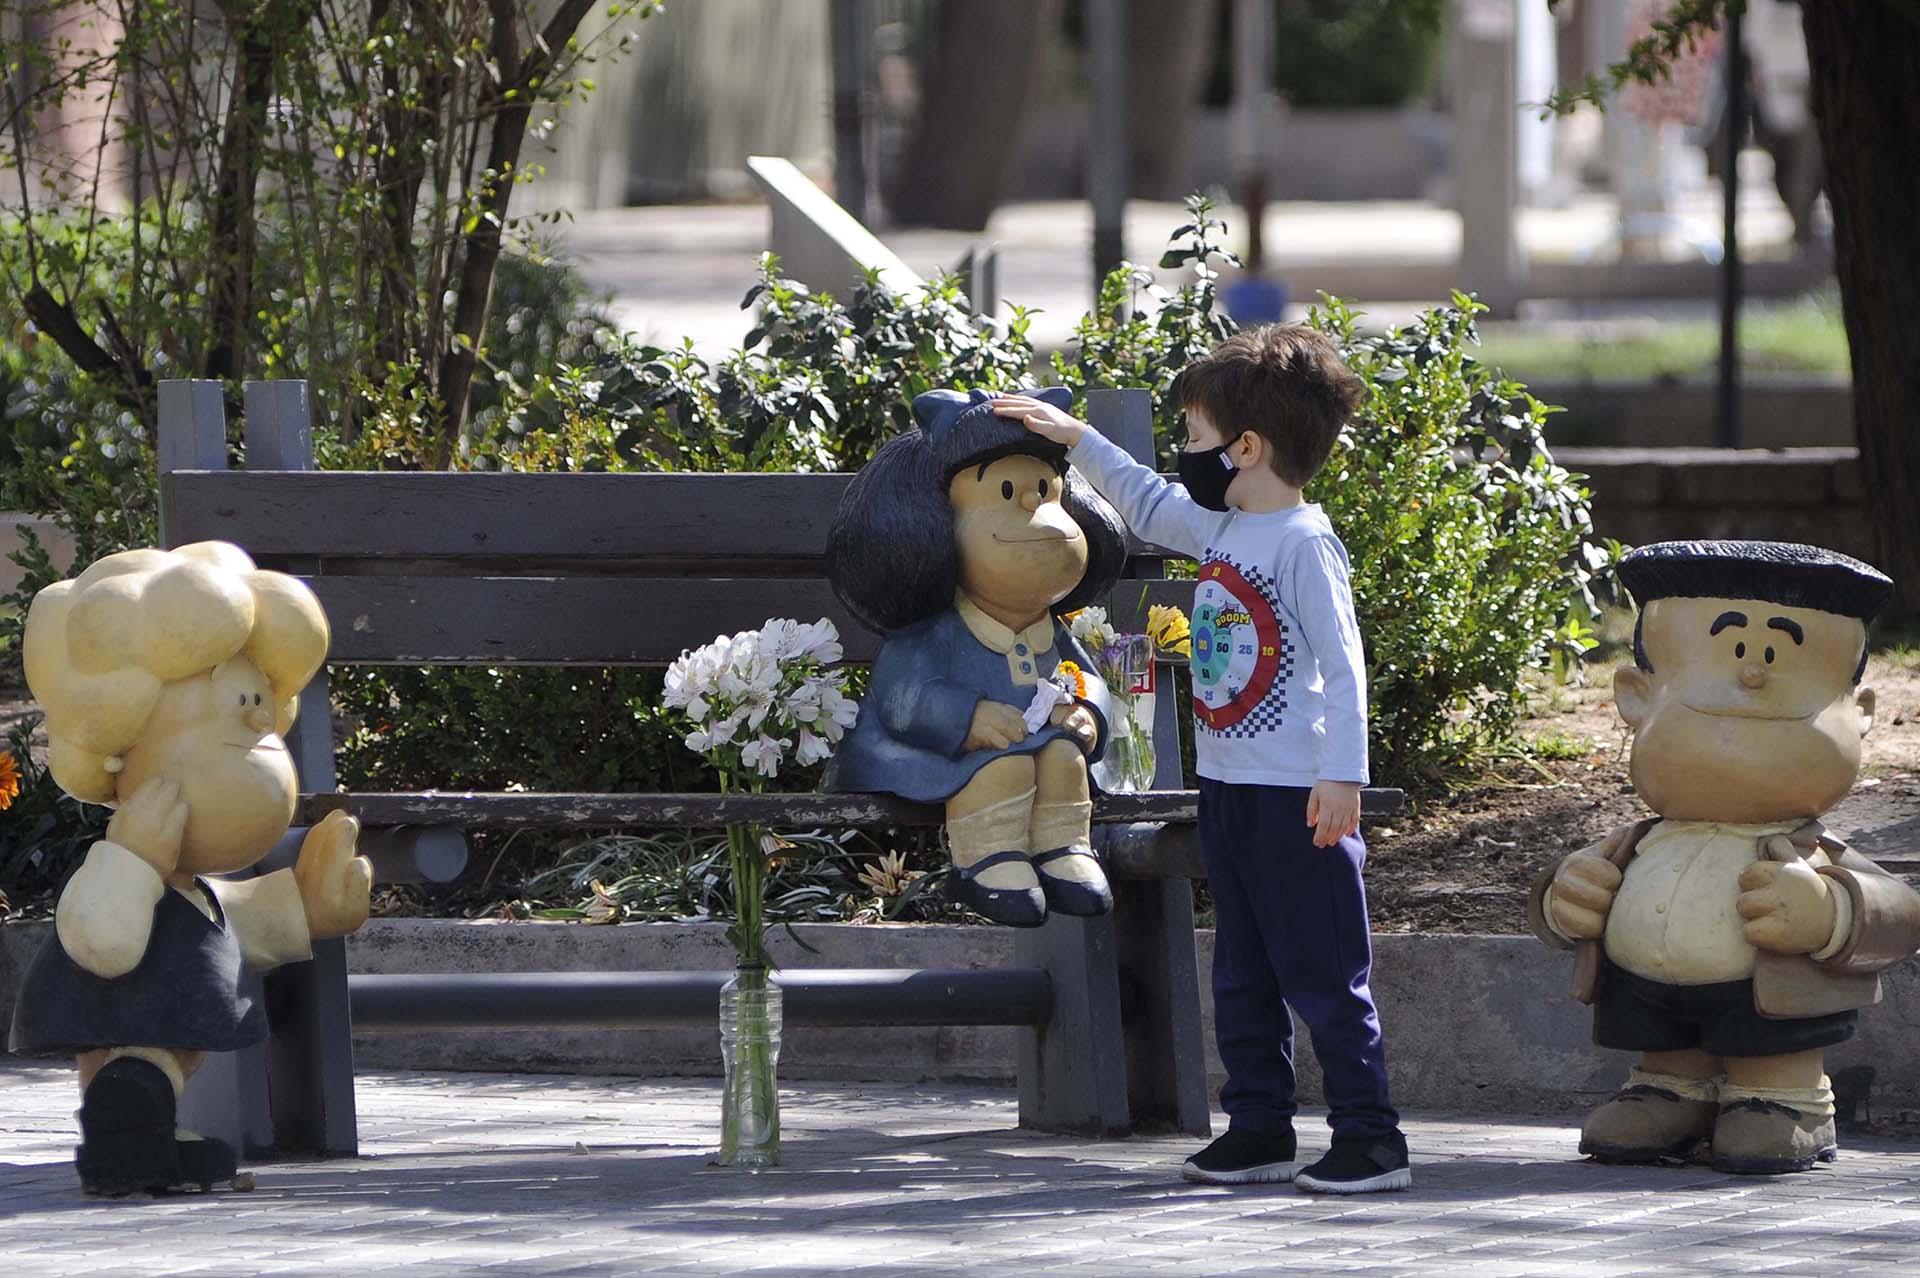 Un niño toca una estatua de Mafalda para enviarle un mimo a su creador, el célebre dibujante argentino Joaquín Salvador Lavado, conocido como Quino. El 30 de septiembre de 2020, a sus 88 años, falleció en Mendoza